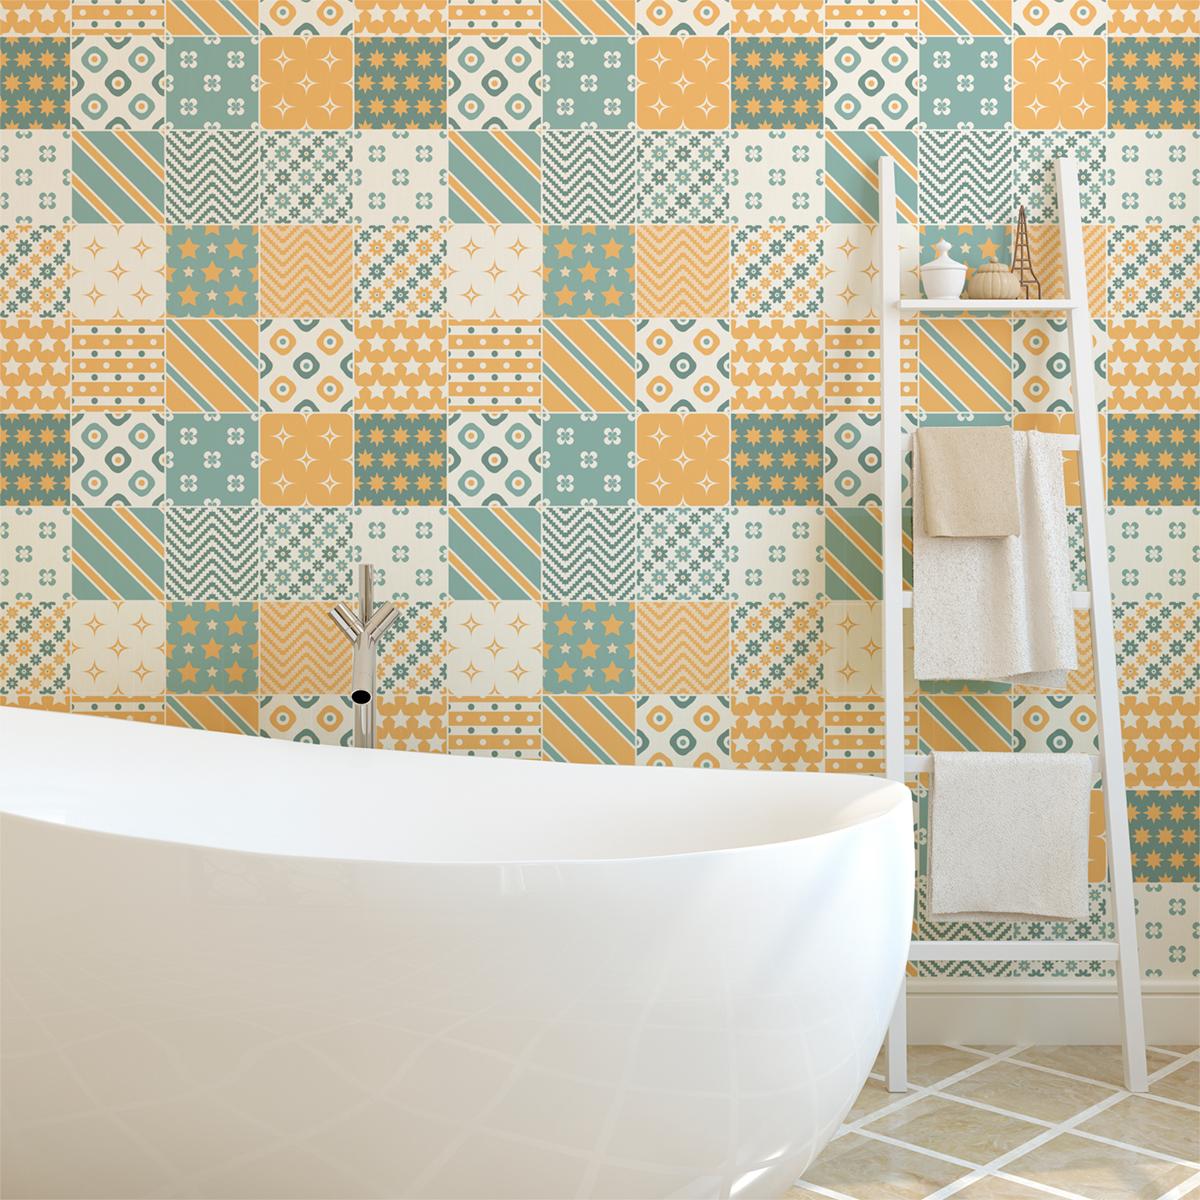 16 stickers carreaux de ciment scandinave boden salle de bain et wc salle de bain ambiance. Black Bedroom Furniture Sets. Home Design Ideas